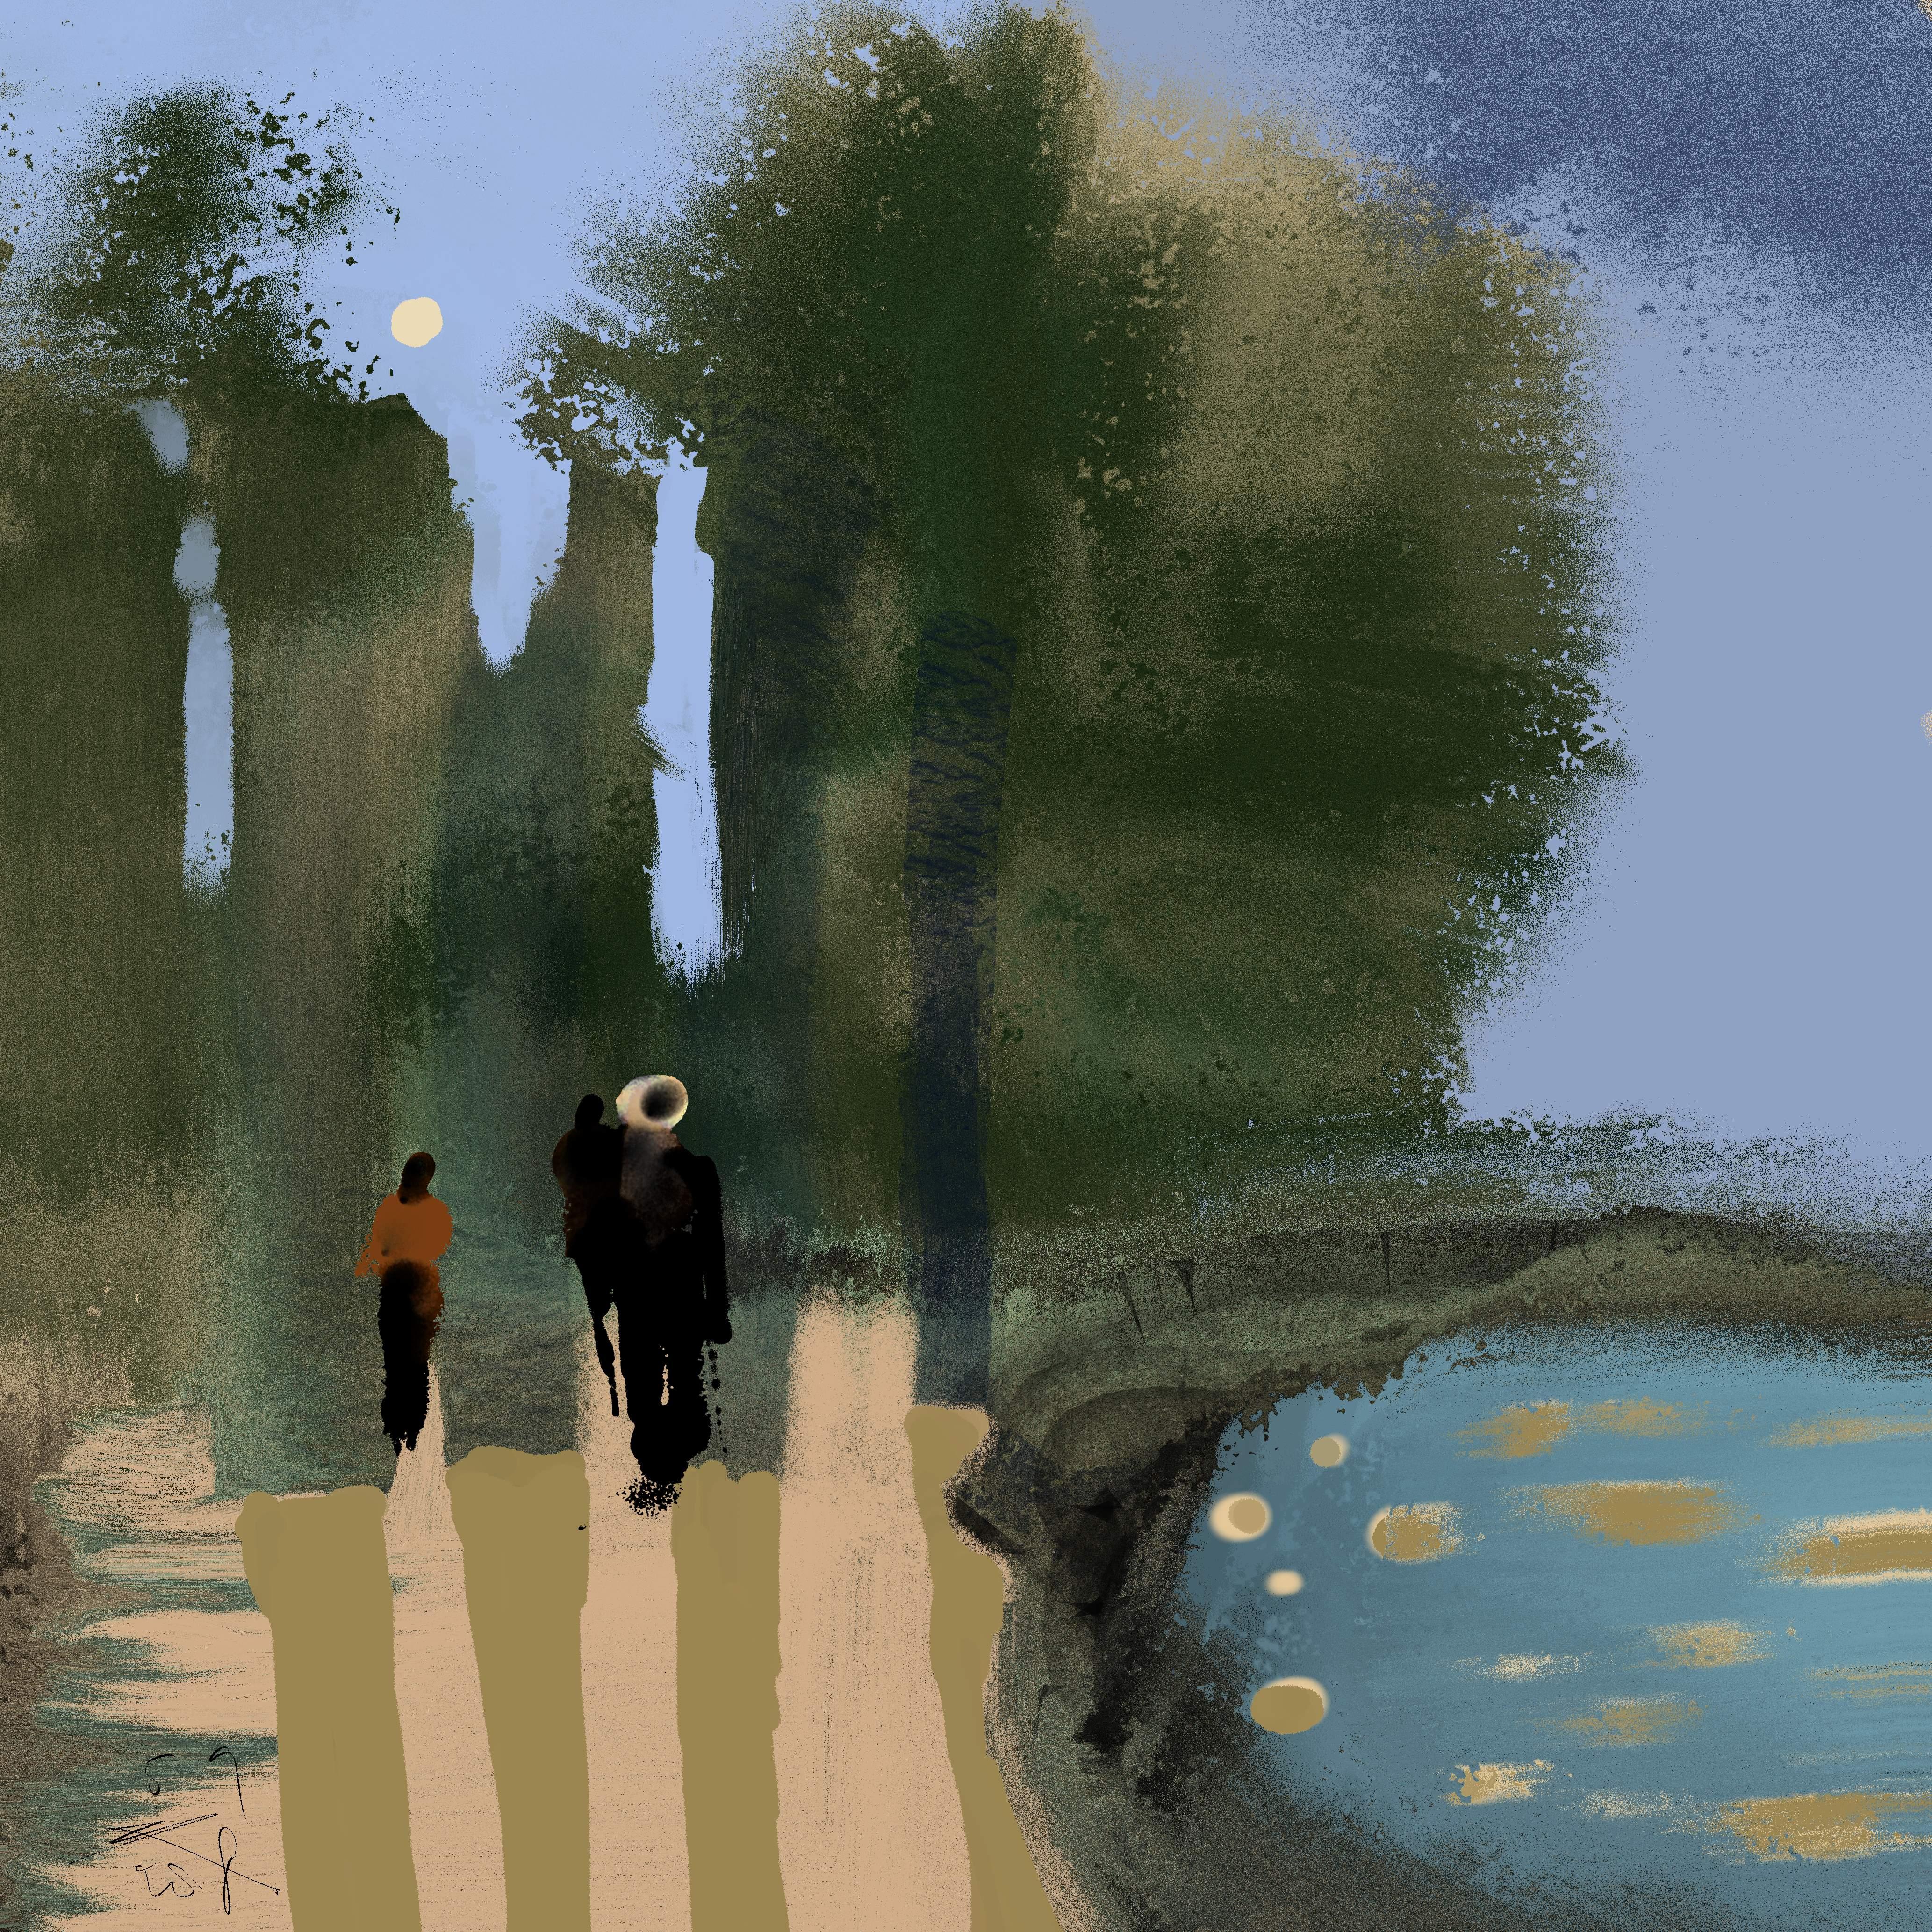 Verwaarloosd Stadspark